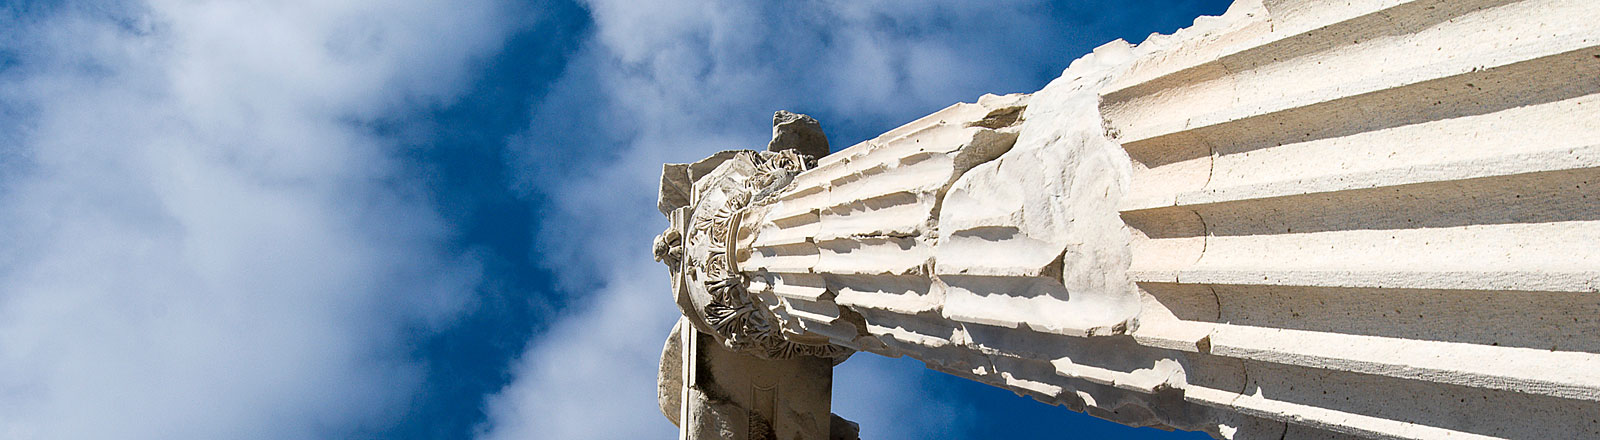 Eine antike Säule ragt in den blauen Himmel, Bild: dpa